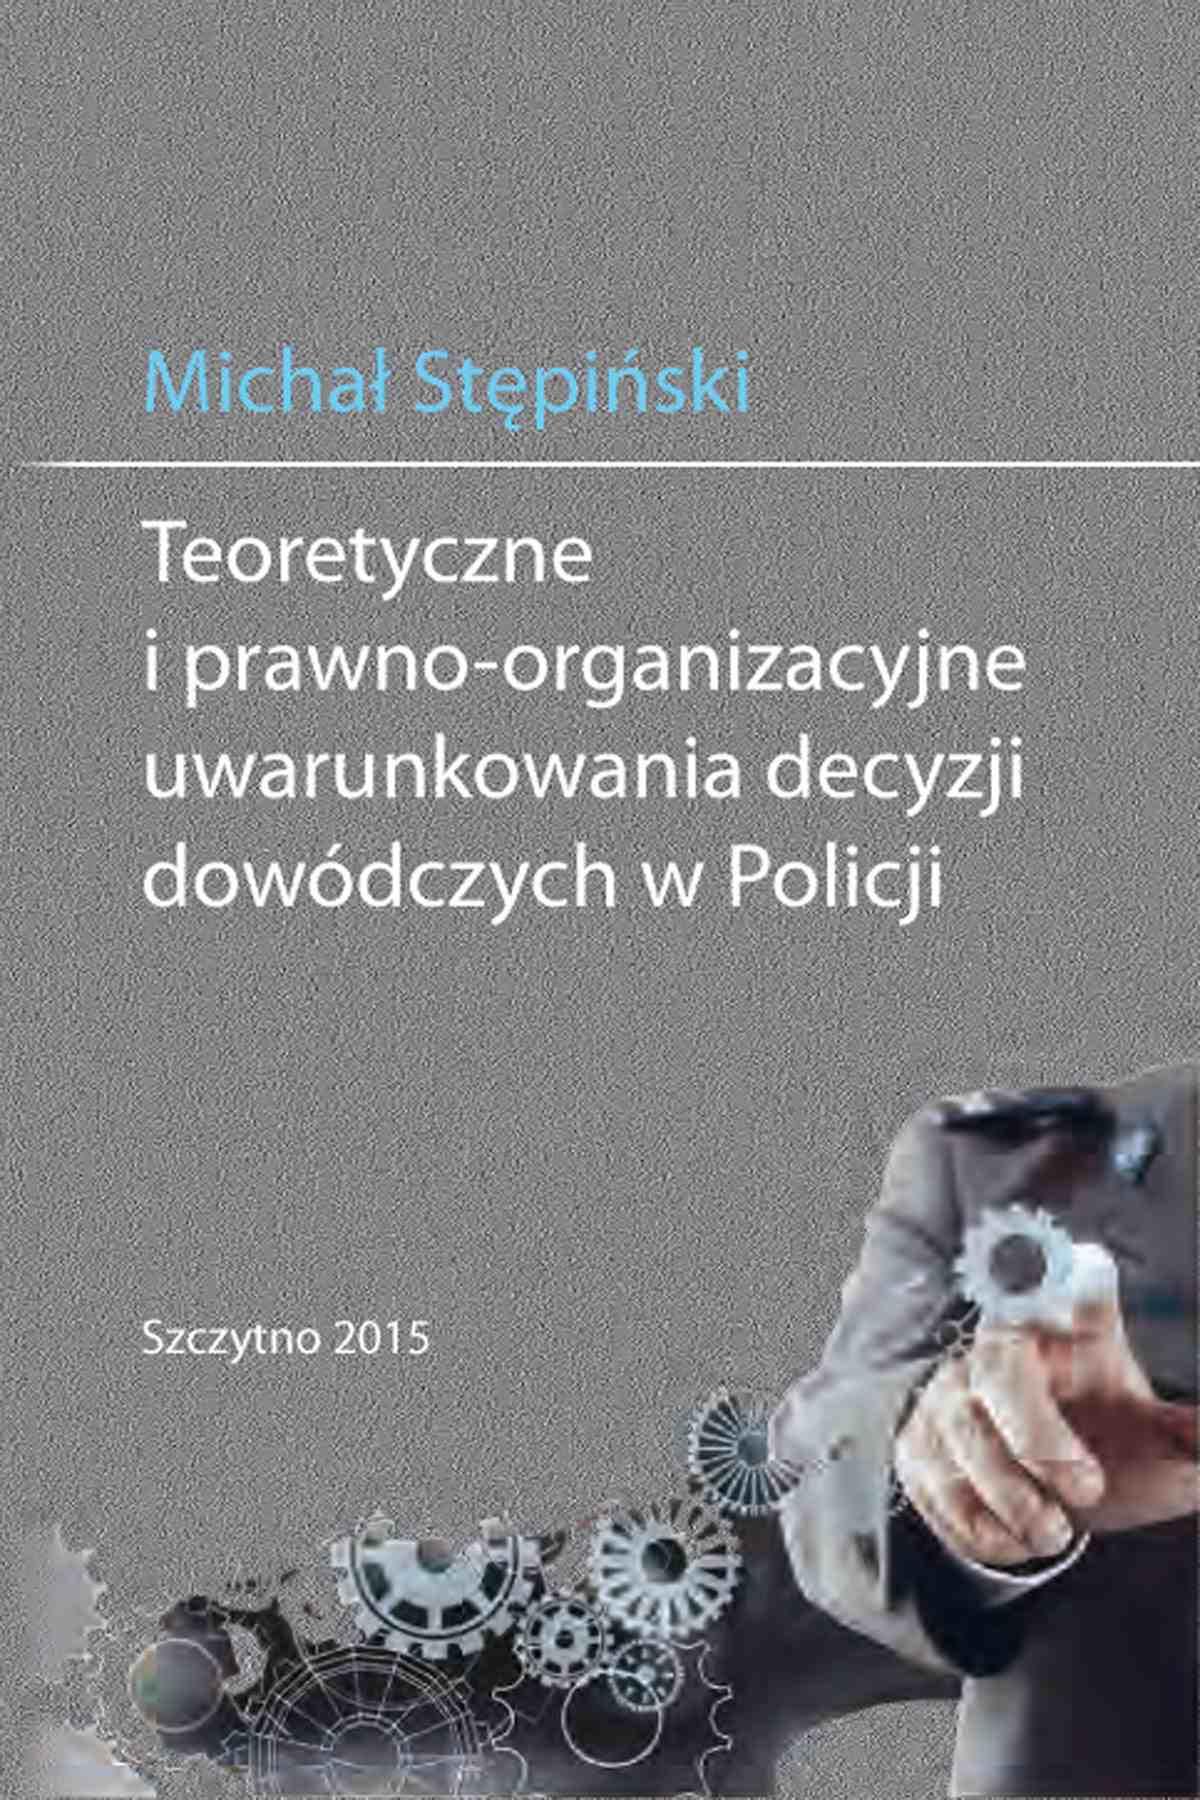 Teoretyczne i prawno-organizacyjne uwarunkowania decyzji dowódczych w Policji - Ebook (Książka PDF) do pobrania w formacie PDF